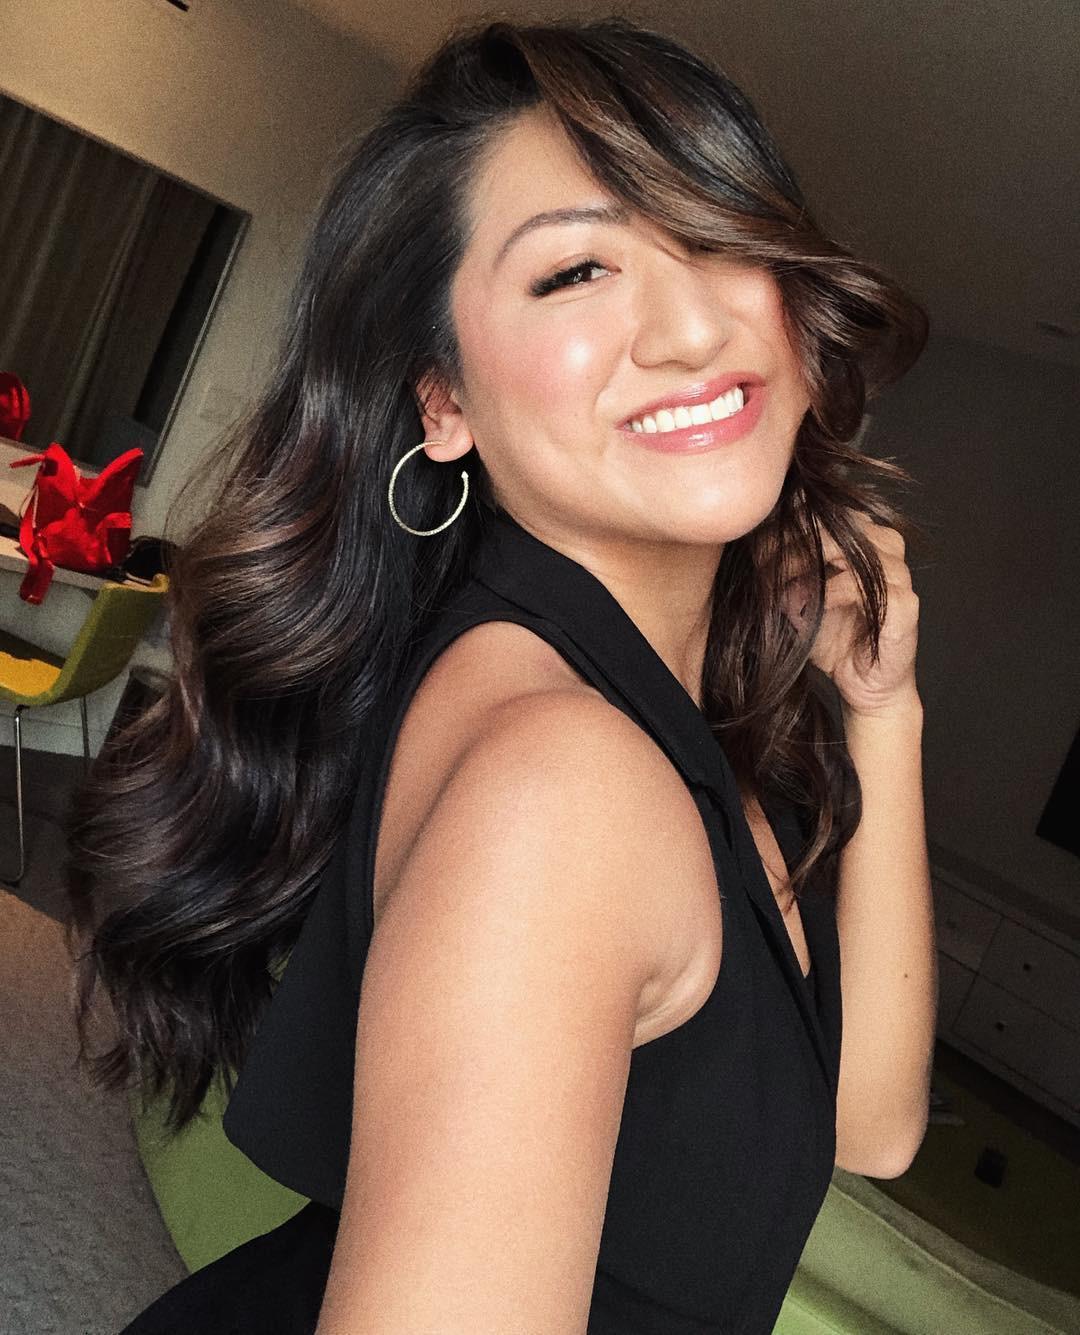 Bỏ tô trát đậm để makeup nhẹ theo Công nương Meghan, nàng beauty editor này đã nhận được hàng loạt điều tuyệt vời - Ảnh 5.